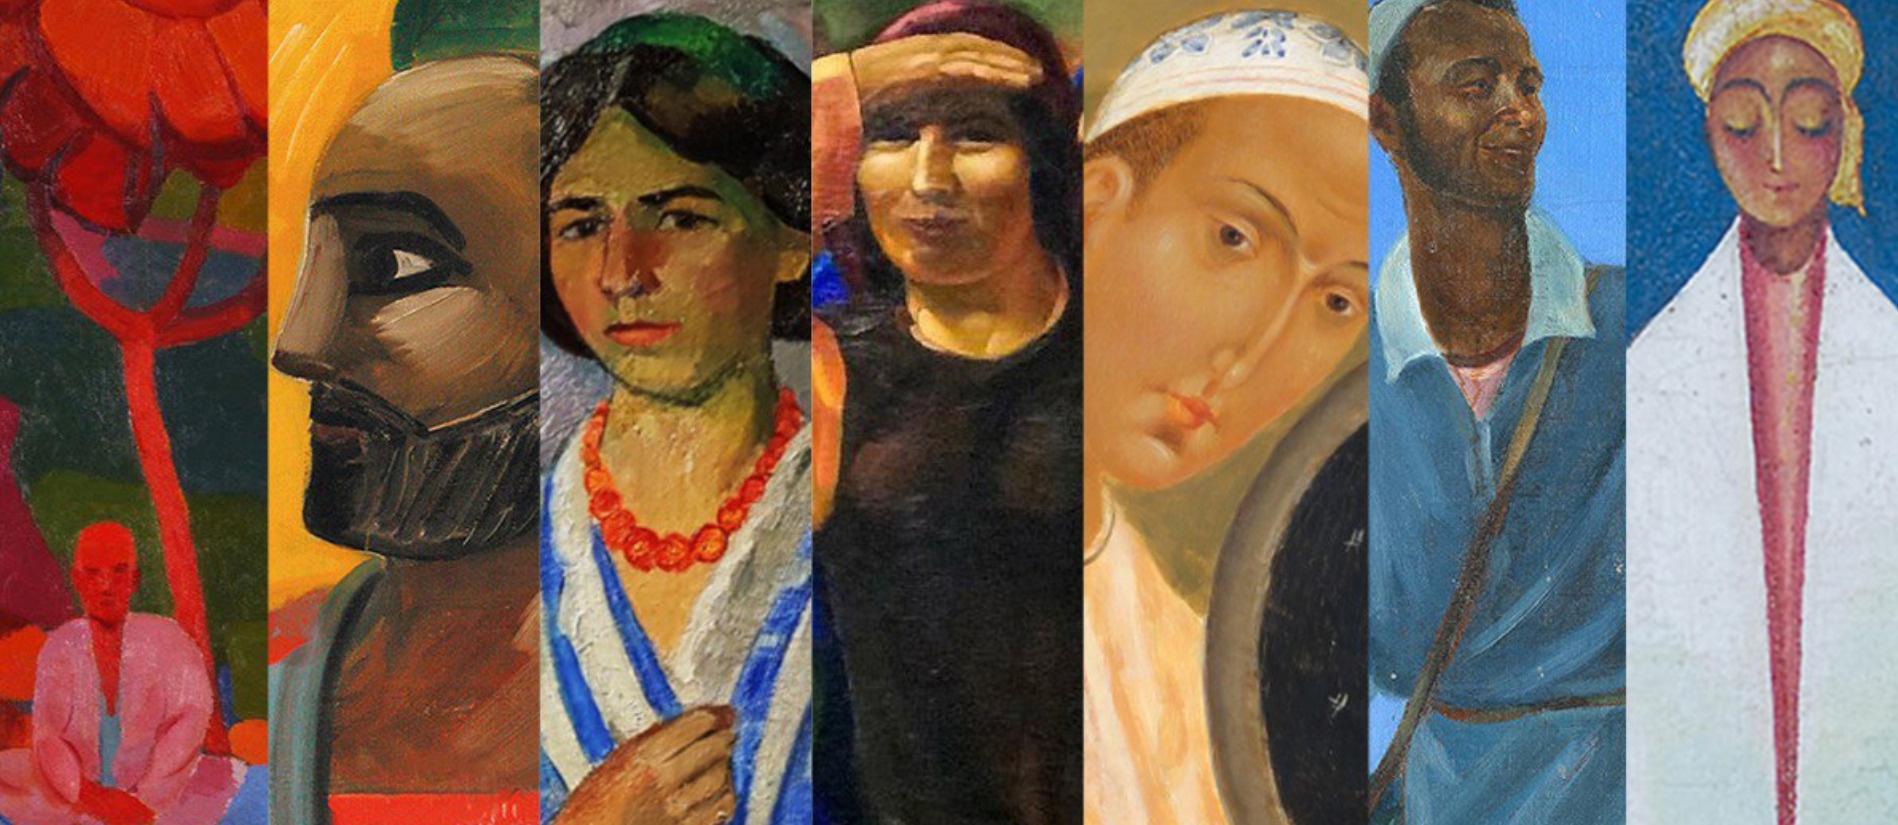 Ouzbékistan Karakalpakistan Noukous Musée Igor Savitsky Œuvres Art Tableaux